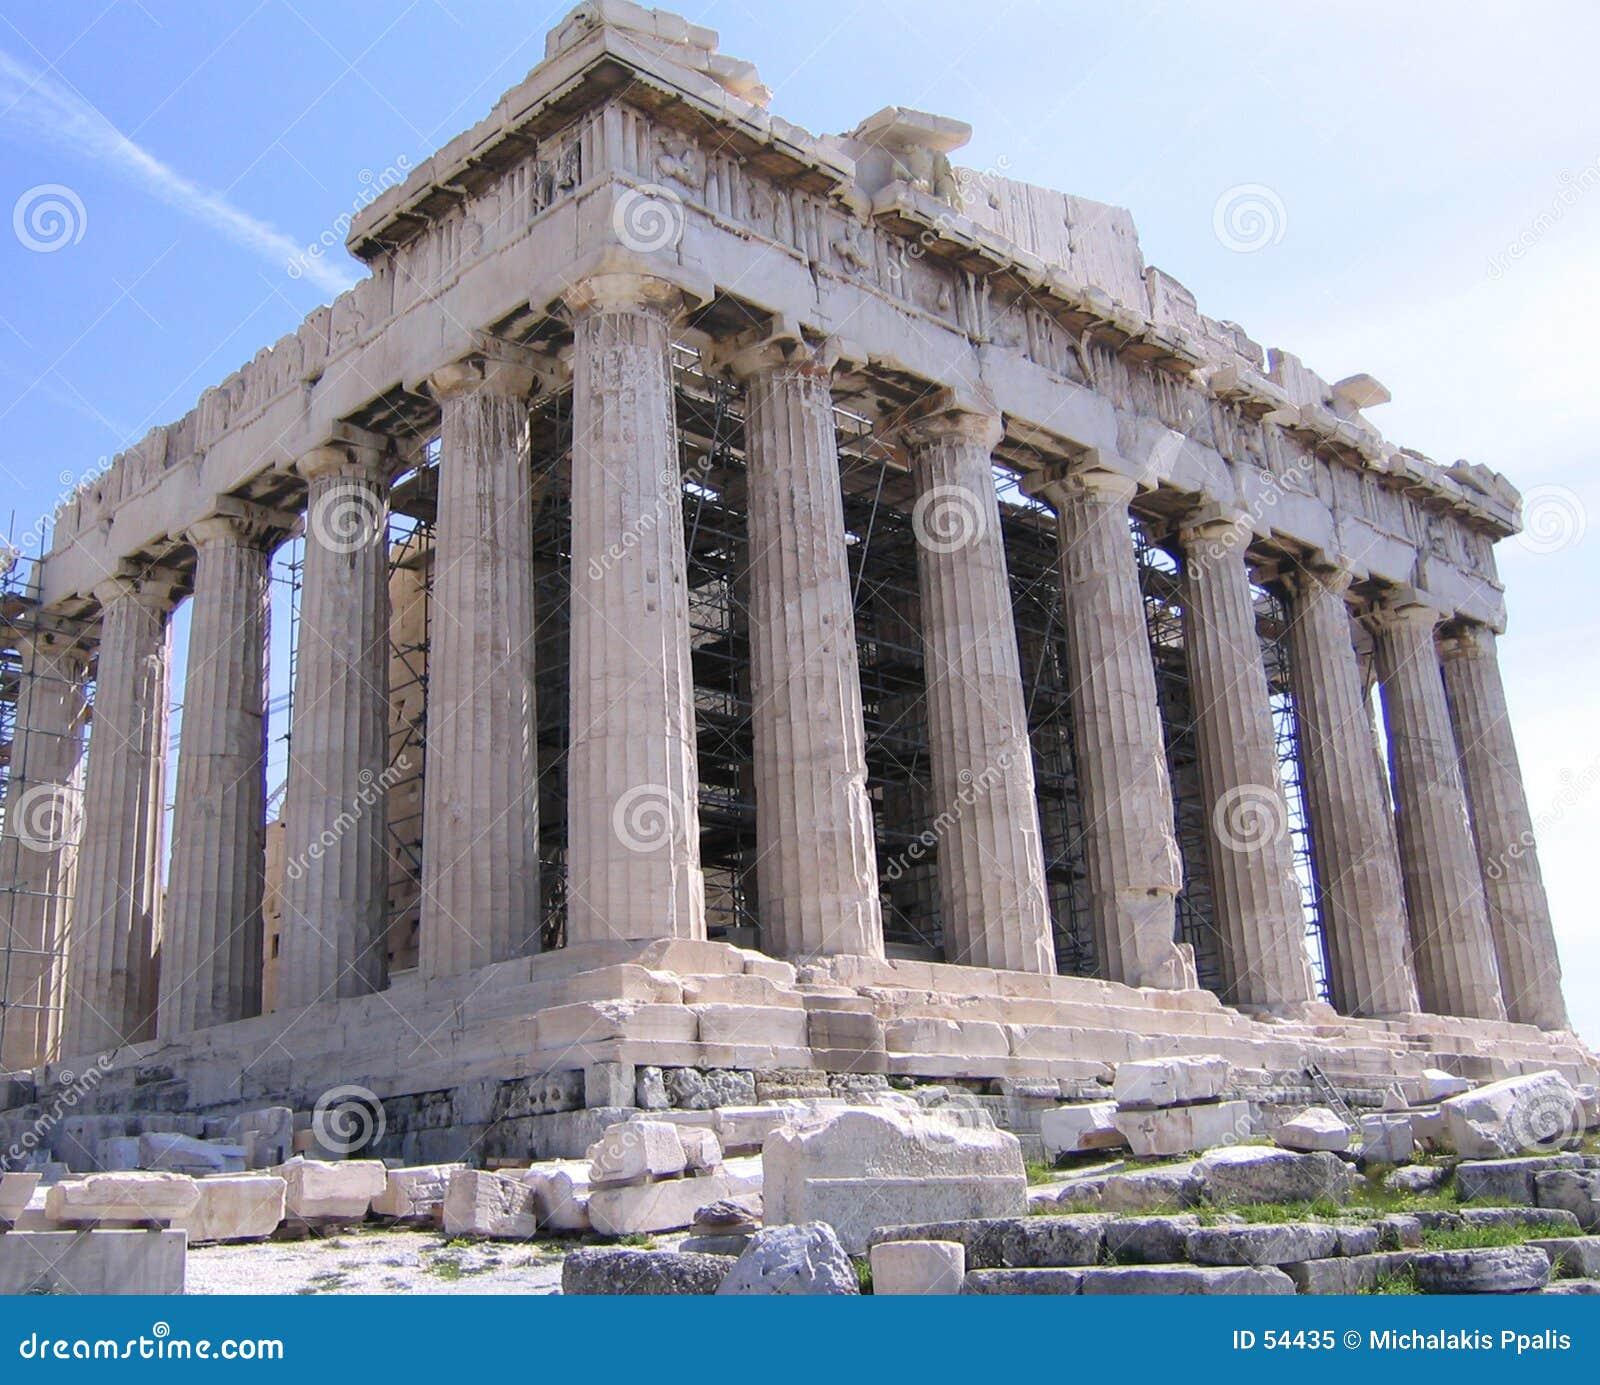 Parthenon akropolu